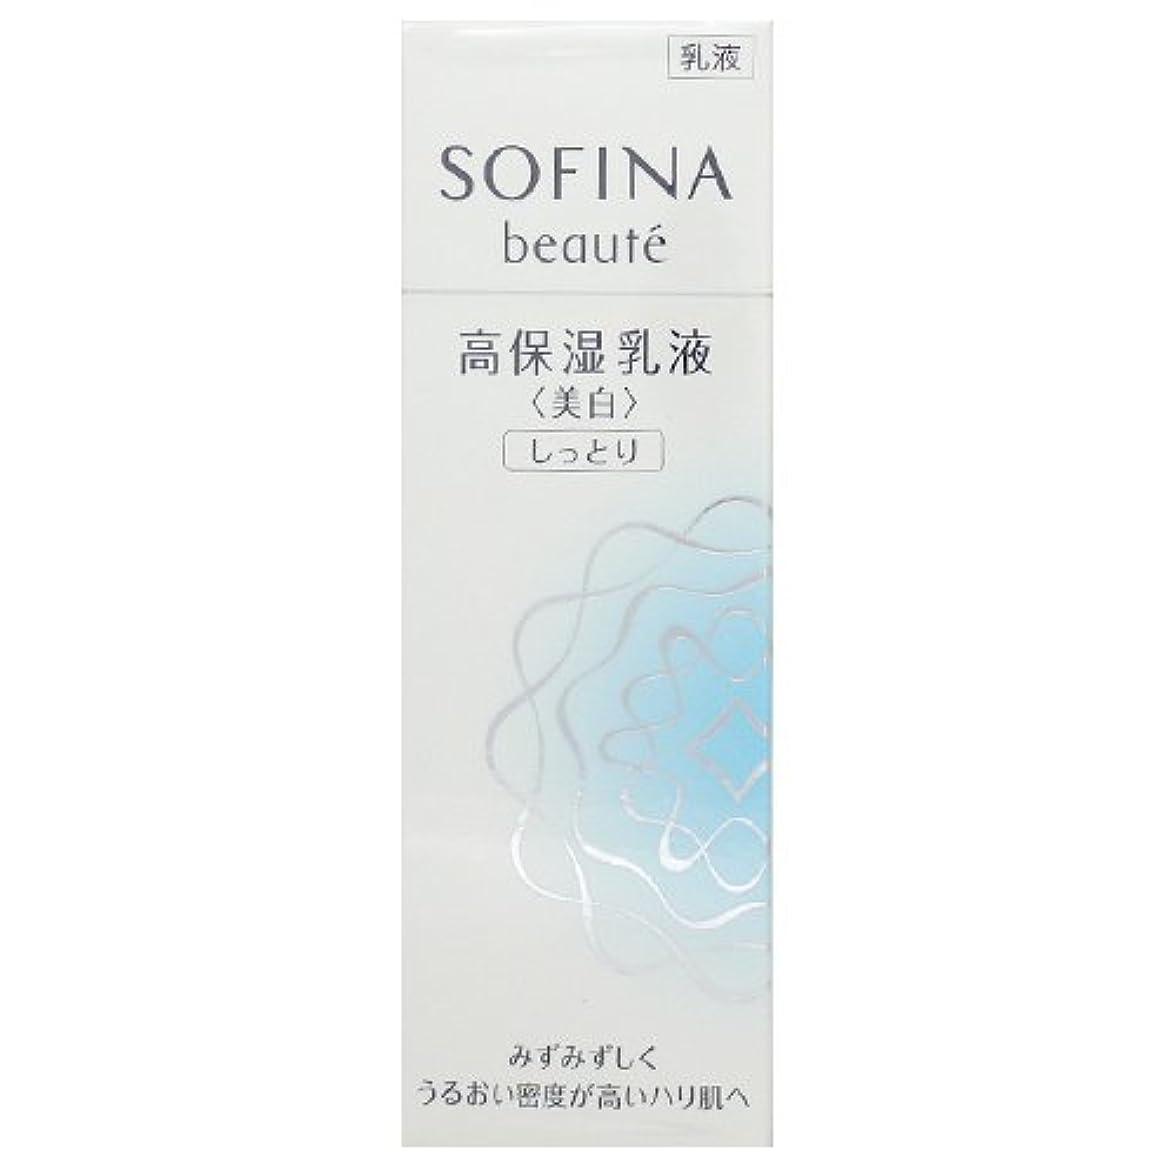 繊維魅力的であることへのアピール山積みの花王 ソフィーナ ボーテ 高保湿乳液 美白 しっとり 60g